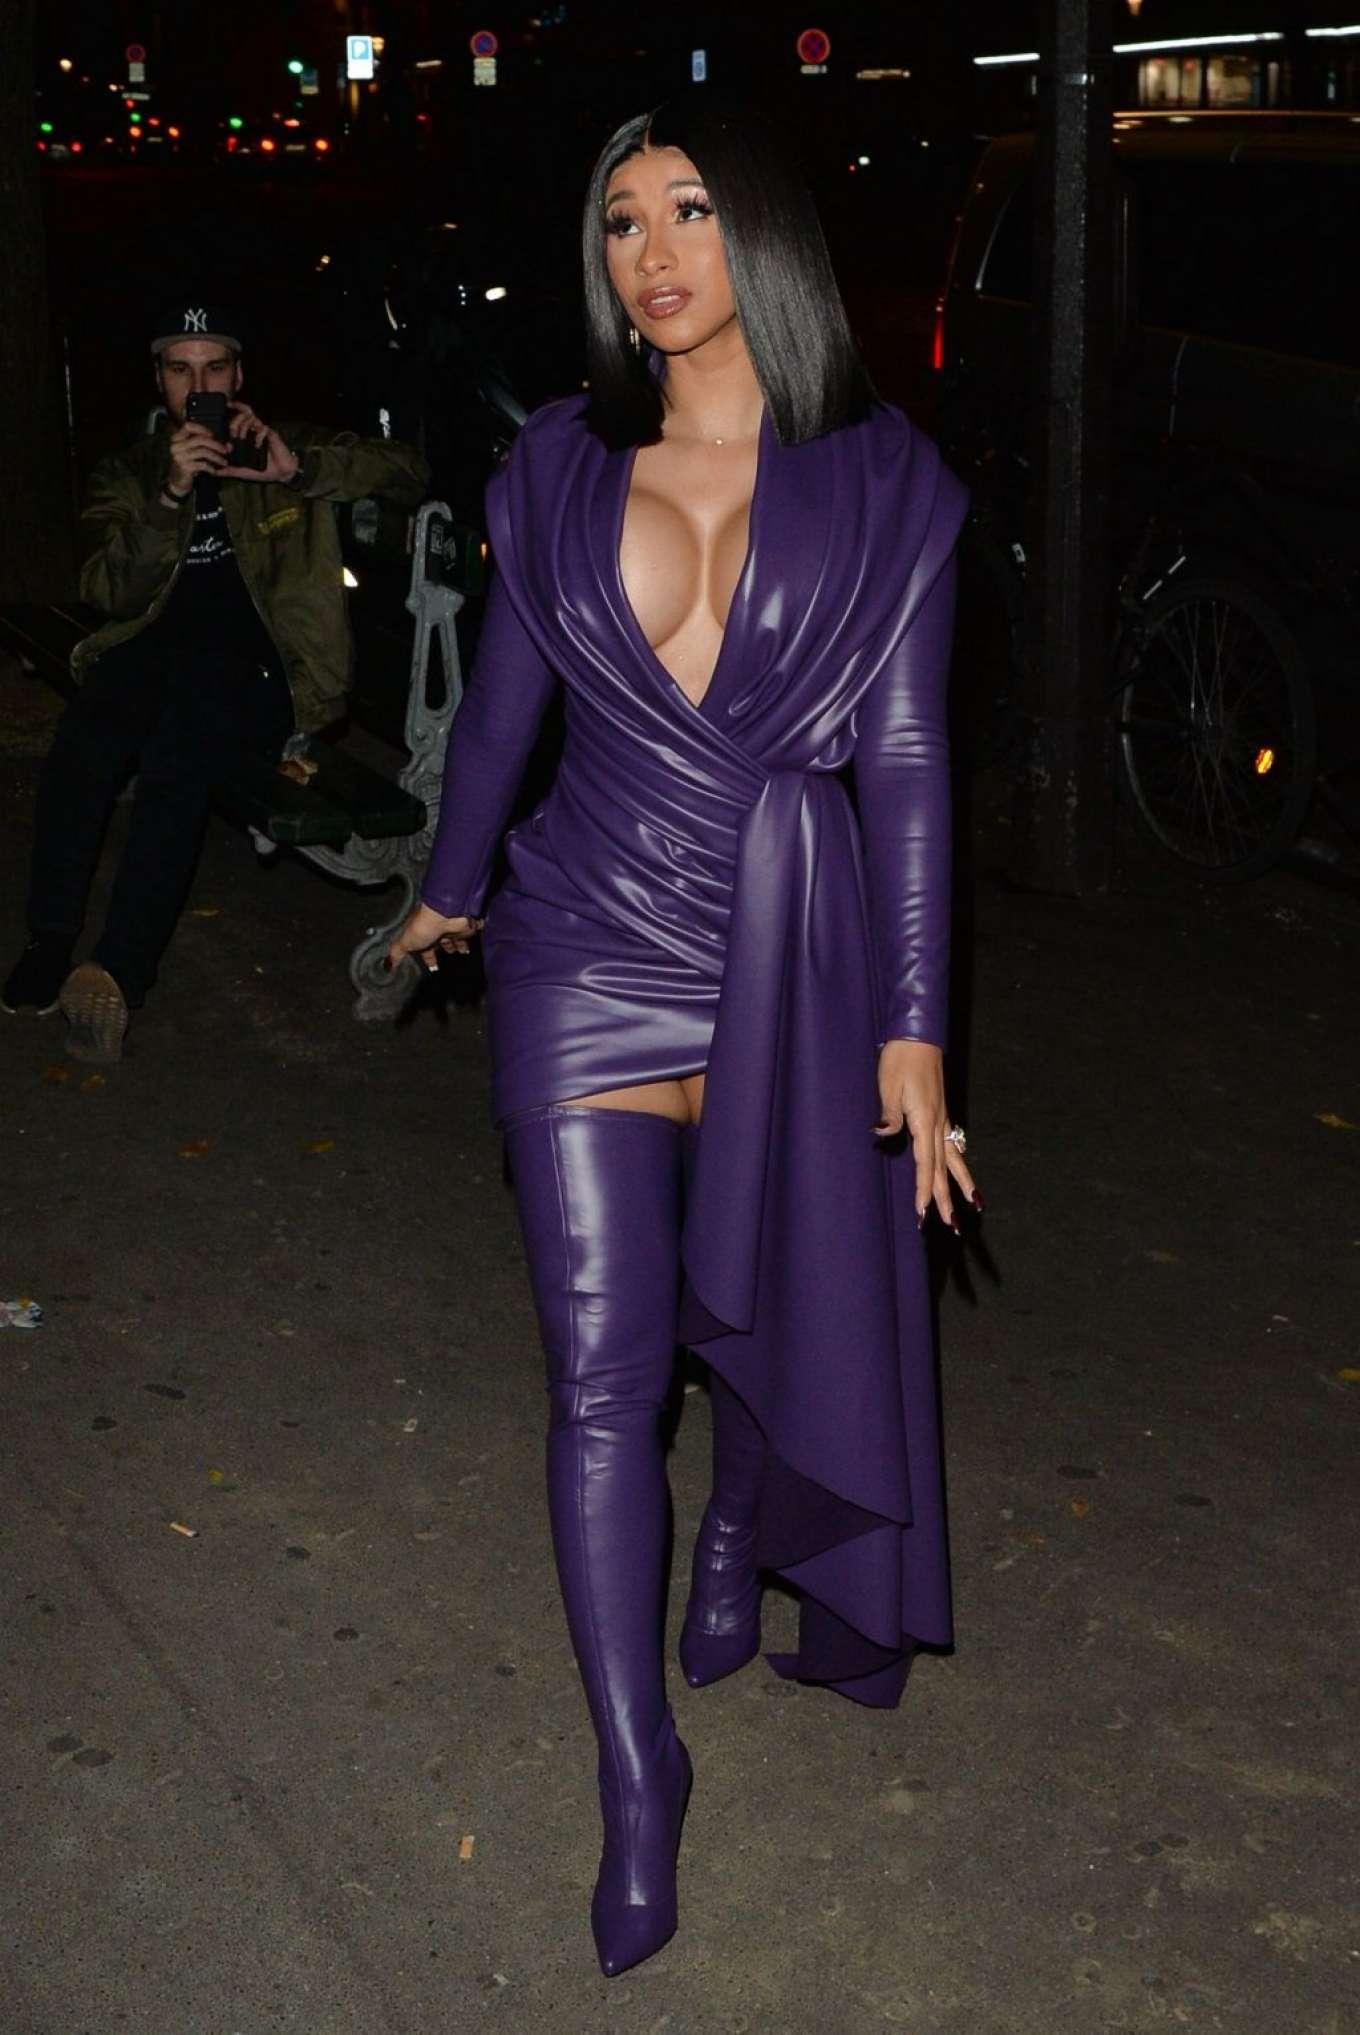 Cardi B 2019 : Cardi B in Low Cut Leather Dress – Out in Paris-10